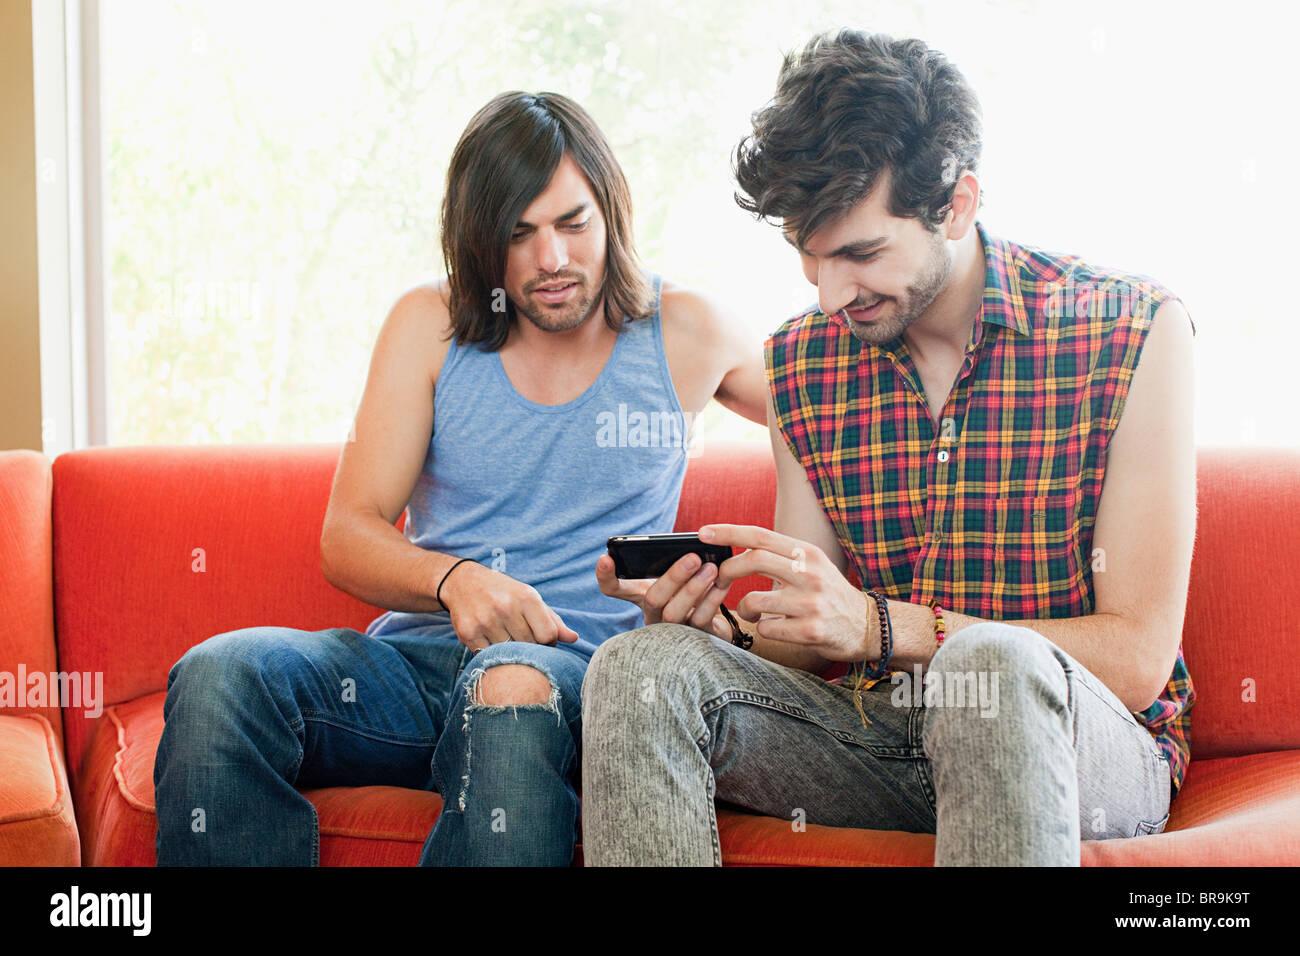 Junge Männer auf Sofa mit Hand gehalten Gerät Stockbild